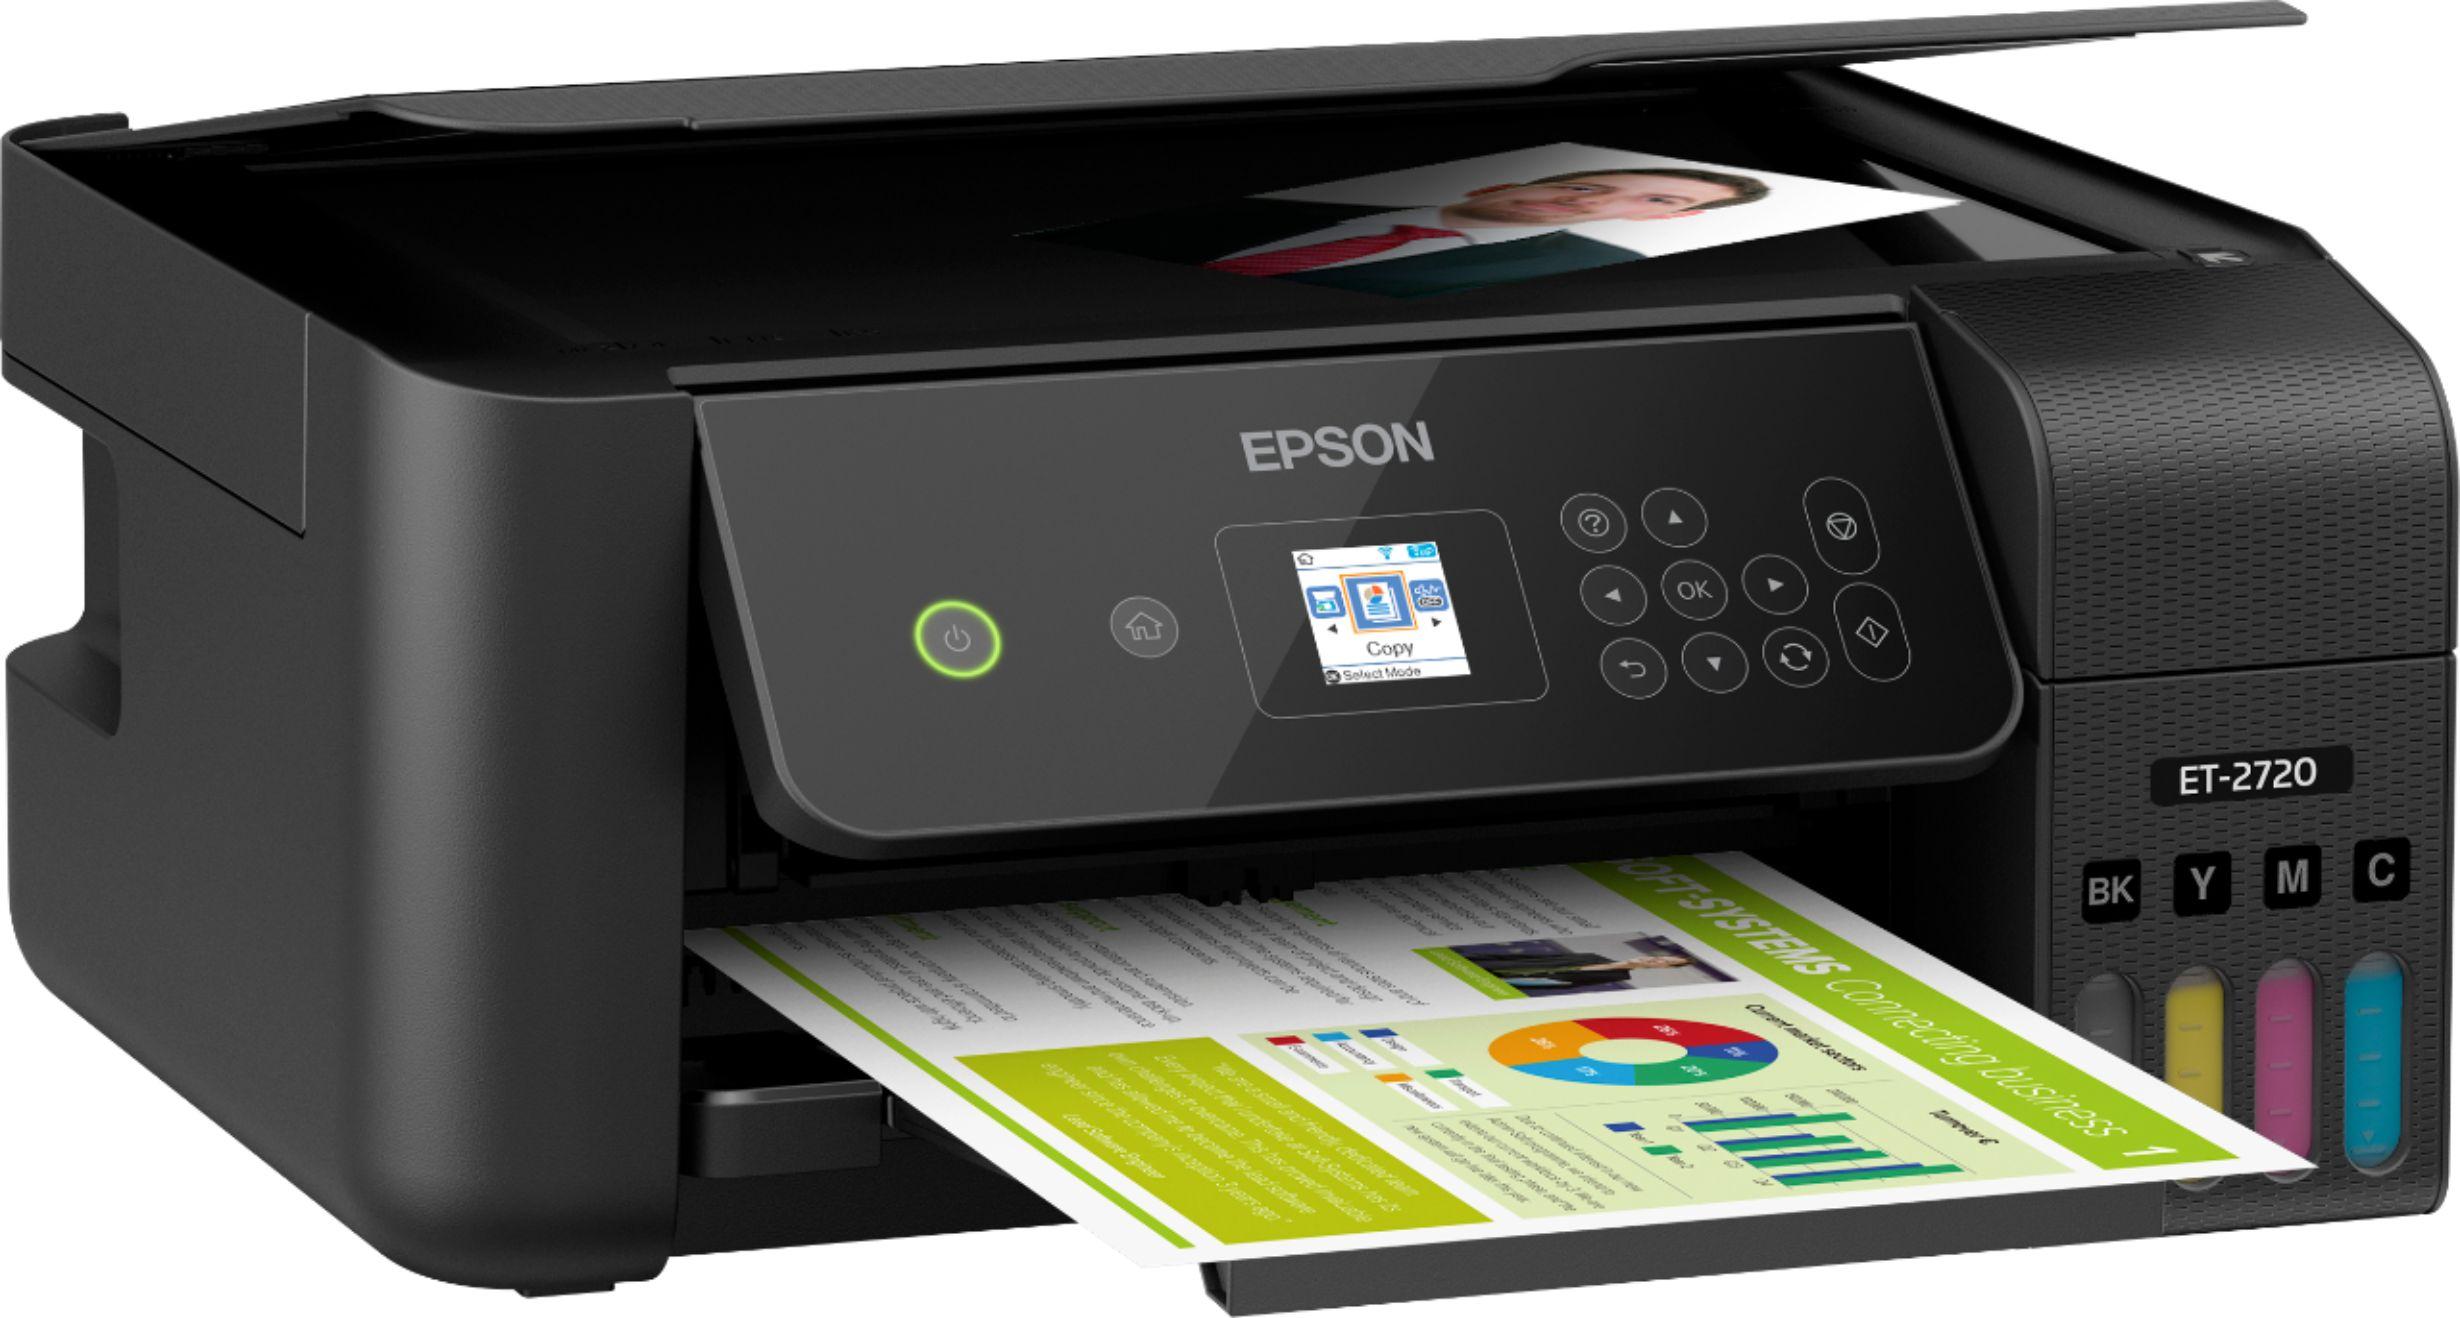 Epson ECOTANK ET-2720  C11CH42201 angleImage